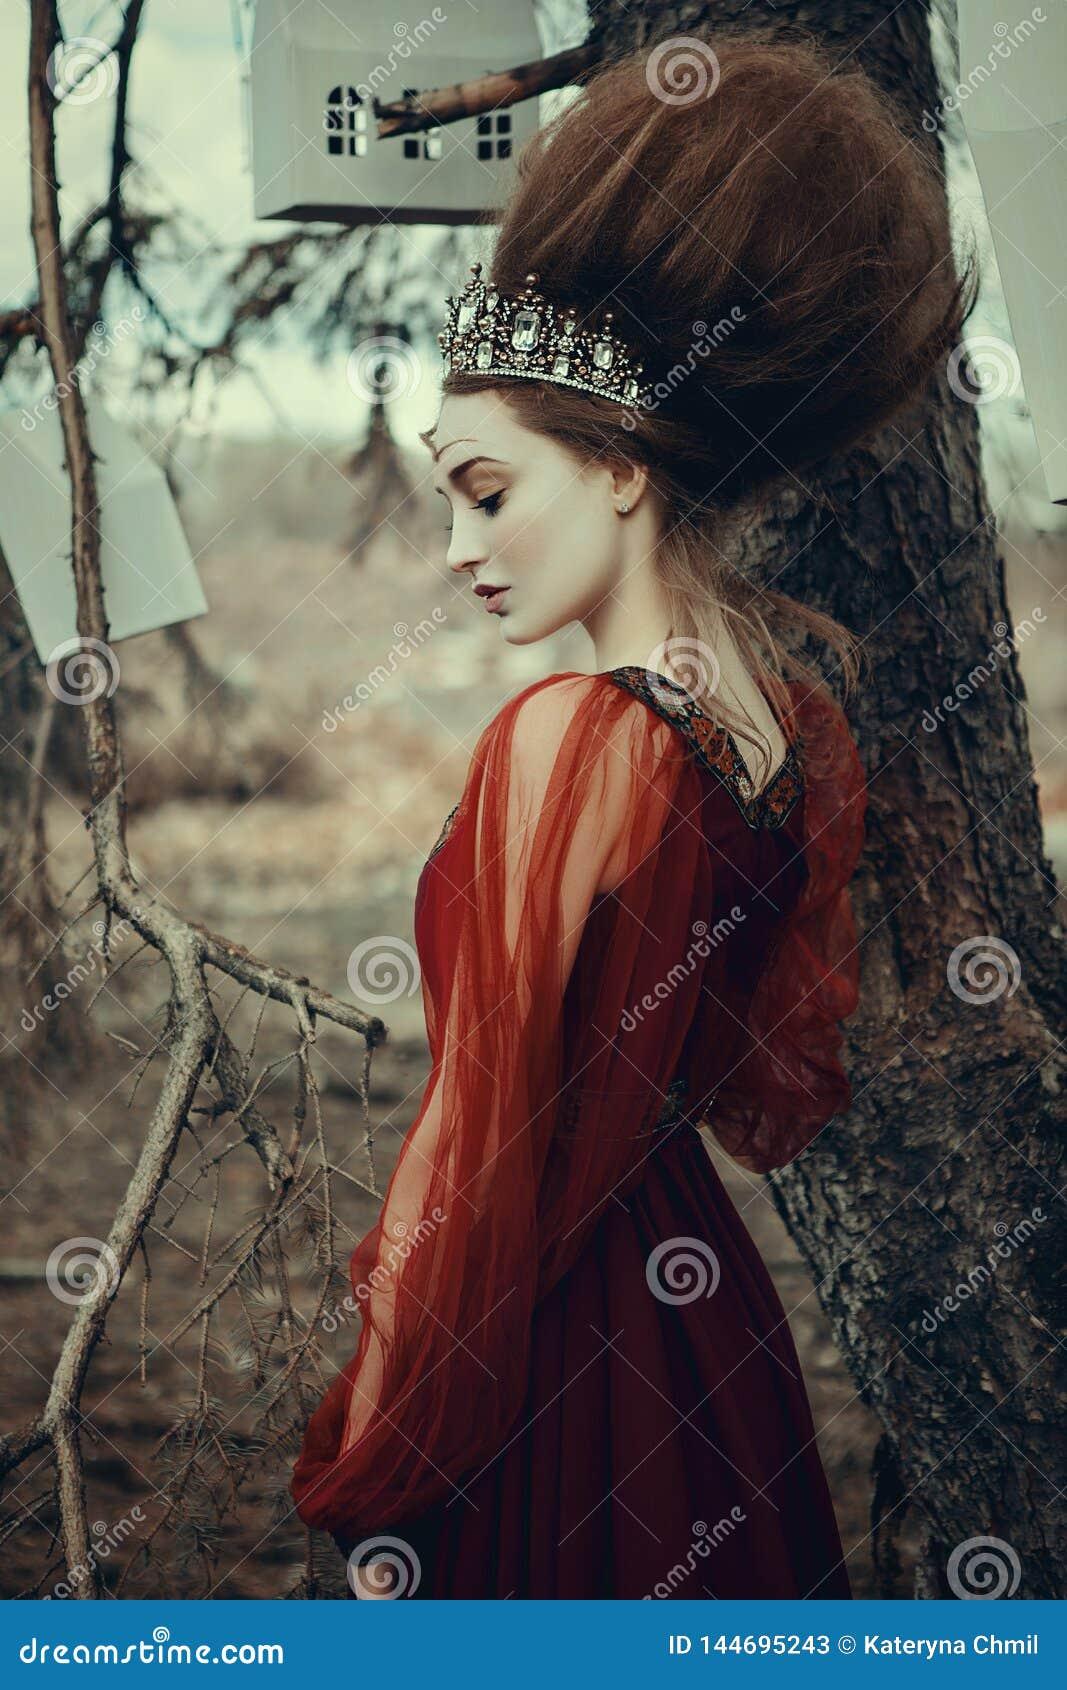 La Chica Joven Está Presentando En Un Vestido Rojo Con El